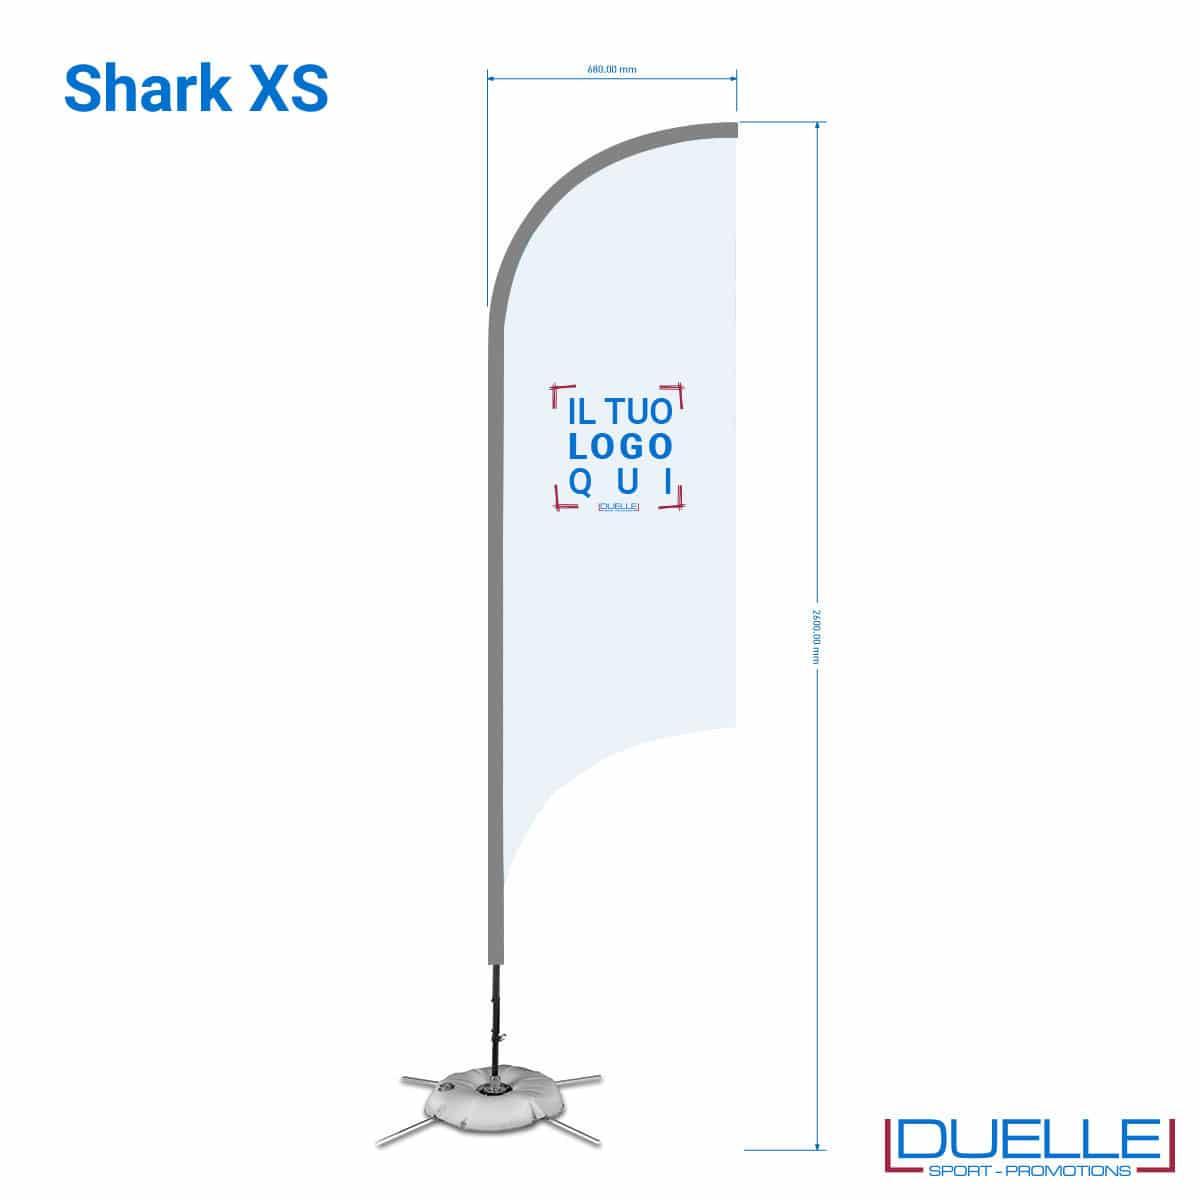 bandiera pubblicitaria a squalo